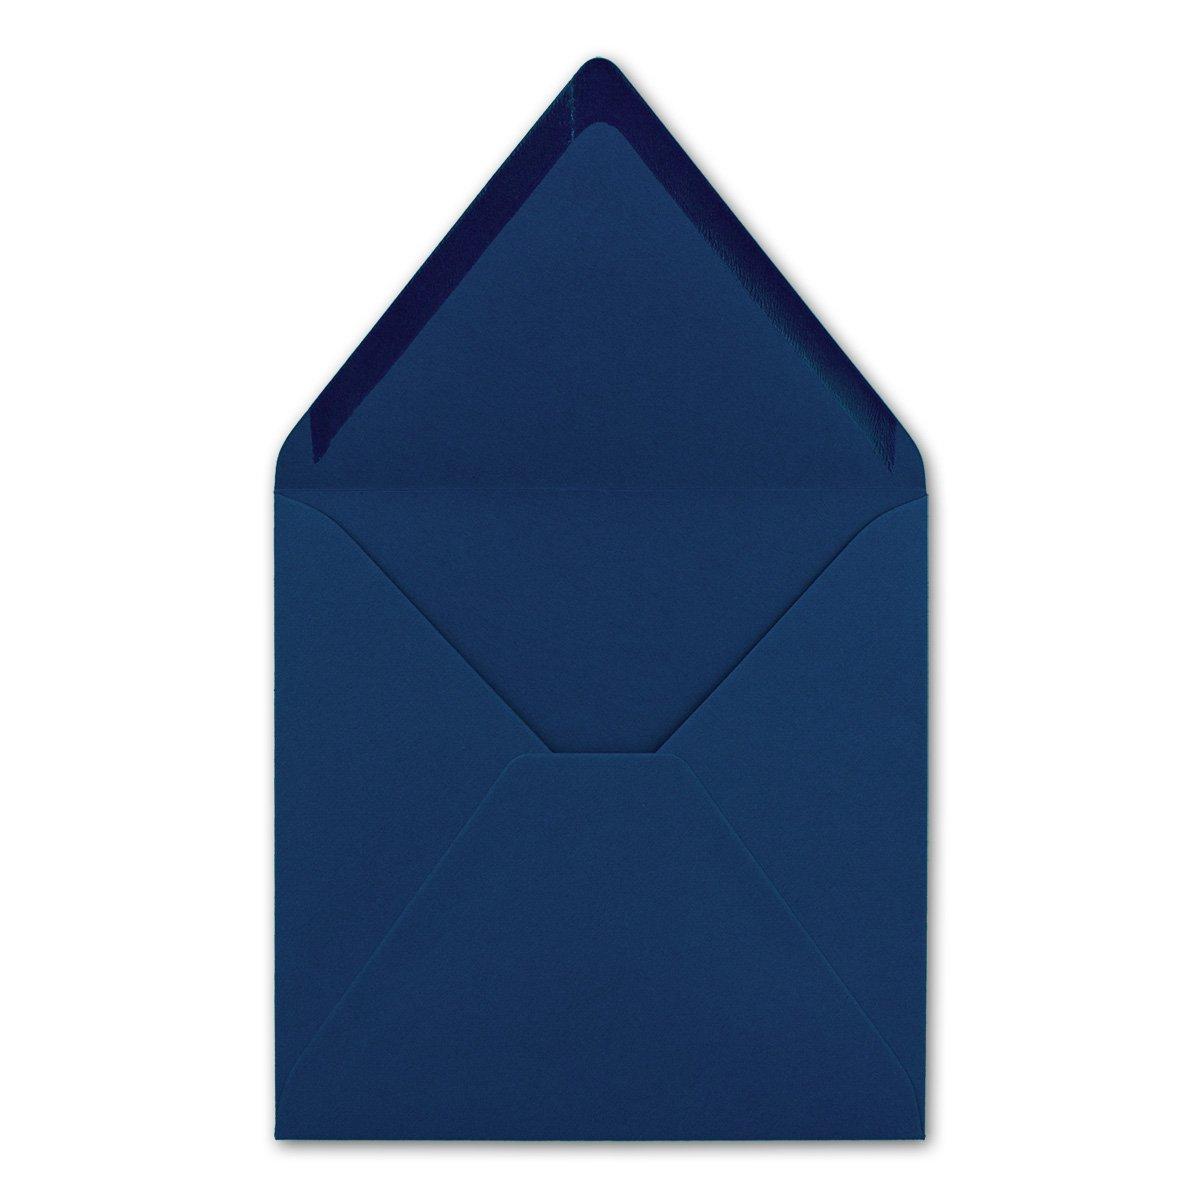 Quadratisches Falt-Karten-Set I 15 x 15 cm cm cm - mit Brief-Umschlägen & Einlege-Blätter I Royalblau I 75 Stück I KomplettpaketI Qualitätsmarke  FarbenFroh® von GUSTAV NEUSER® B00KGAIQ0U    Neuer Markt  a711a4